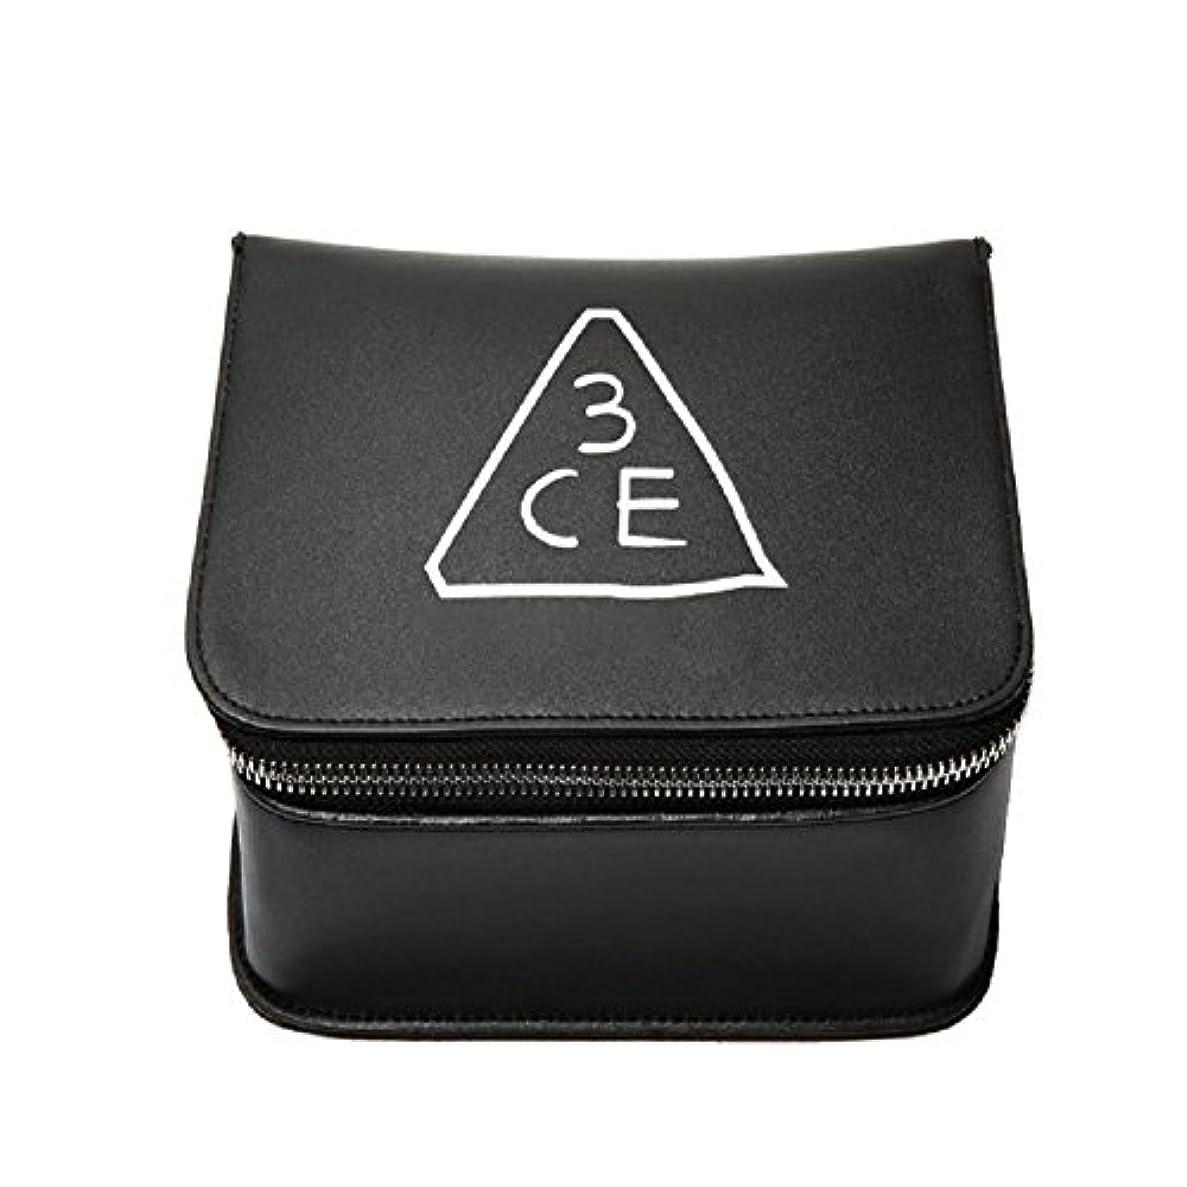 適度なモザイク勇気のある3CE(3 CONCEPT EYES) COSMETIC BOX POUCH 化粧品 BOXポーチ stylenanda 婦人向け 旅行 ビッグサイズ[韓国並行輸入品]